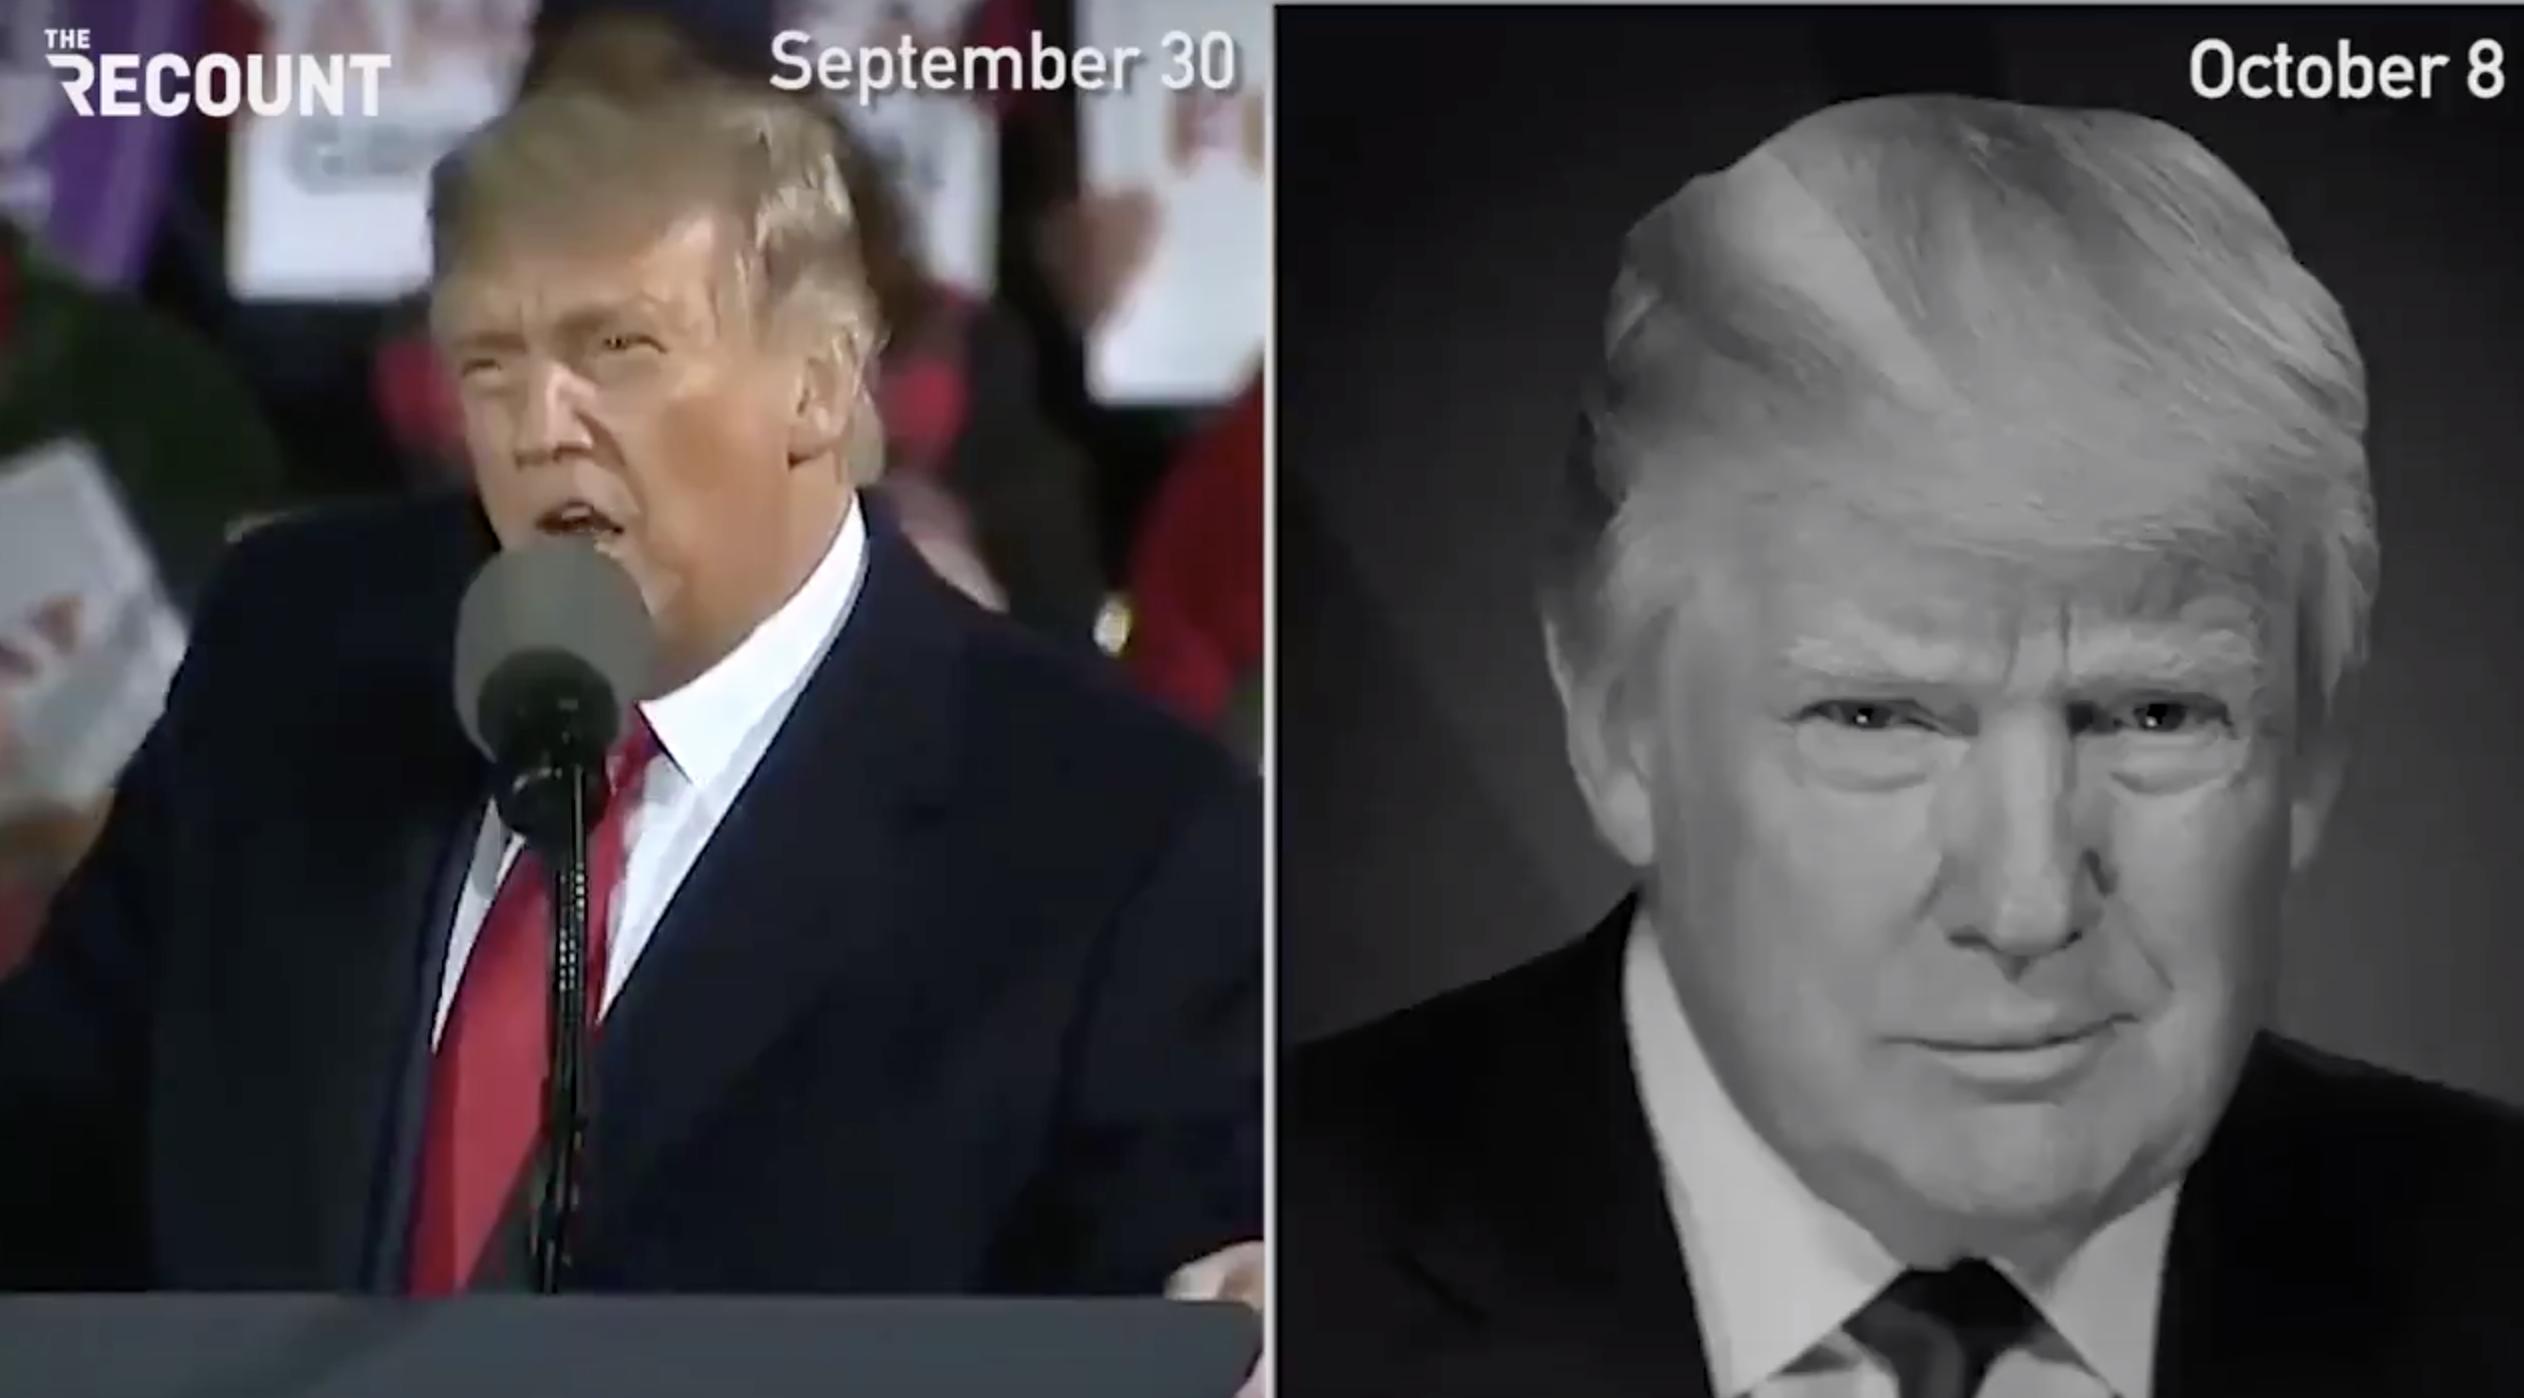 Trump Flip-Flops on Debates